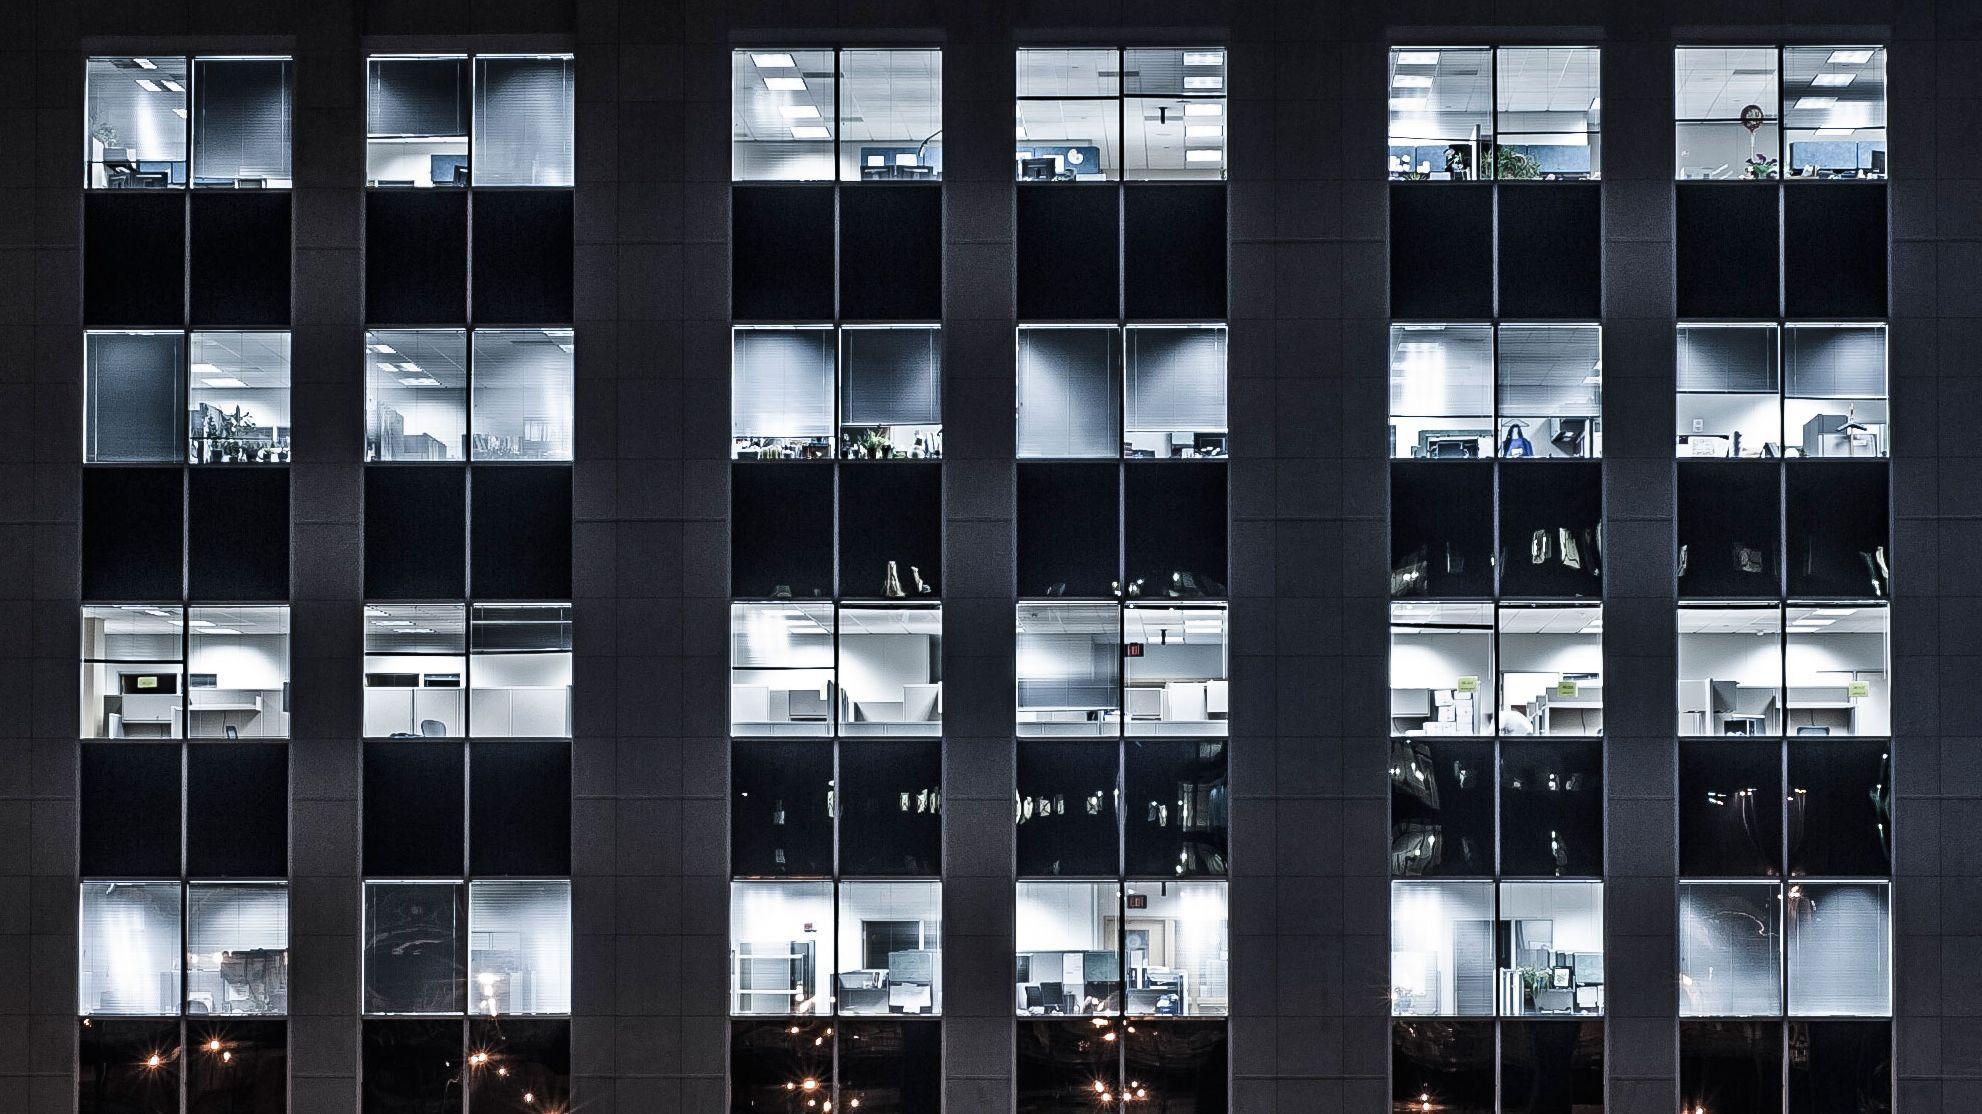 パーティションに監視装置 オフィスの効率化にスマートデバイス